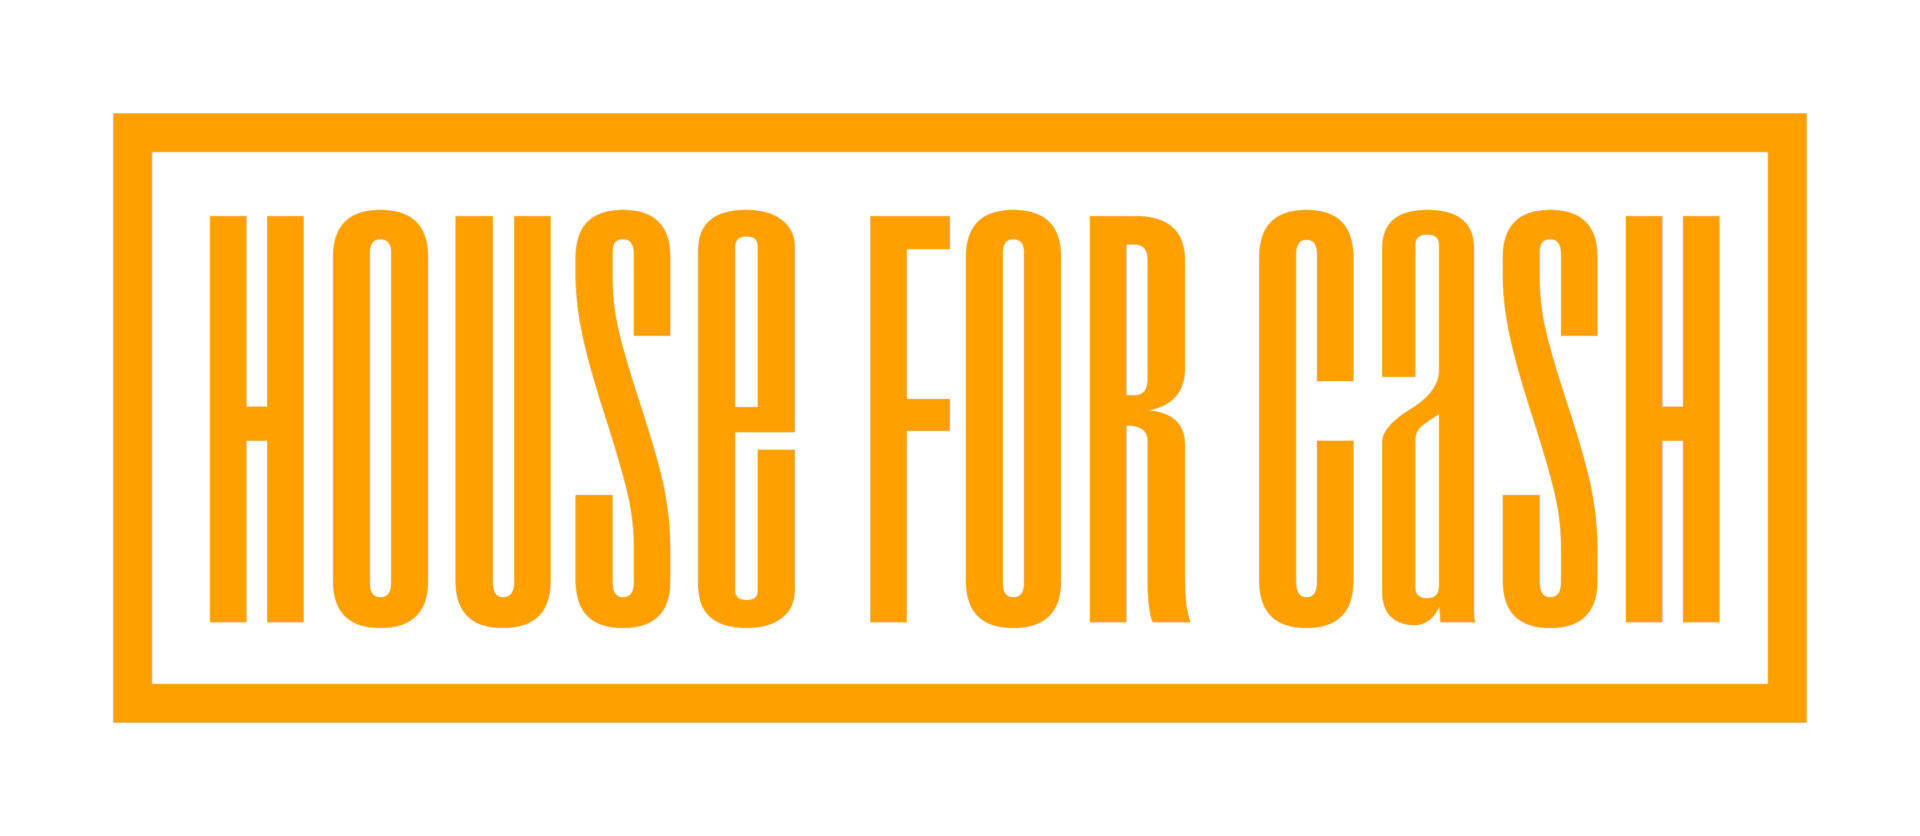 House For Cash logo